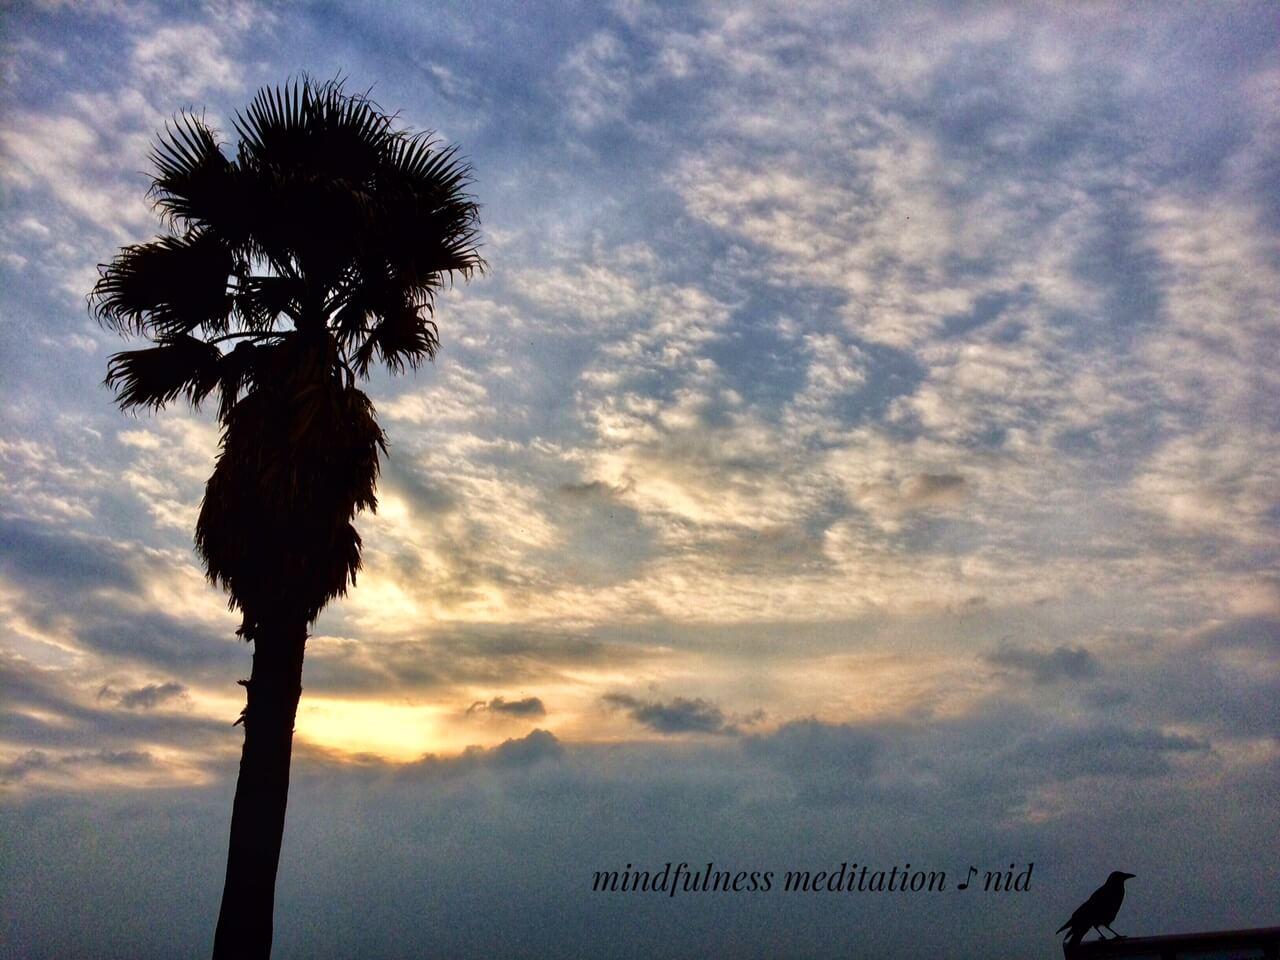 朝日2018.11.13_7:07カラスとヤシの木